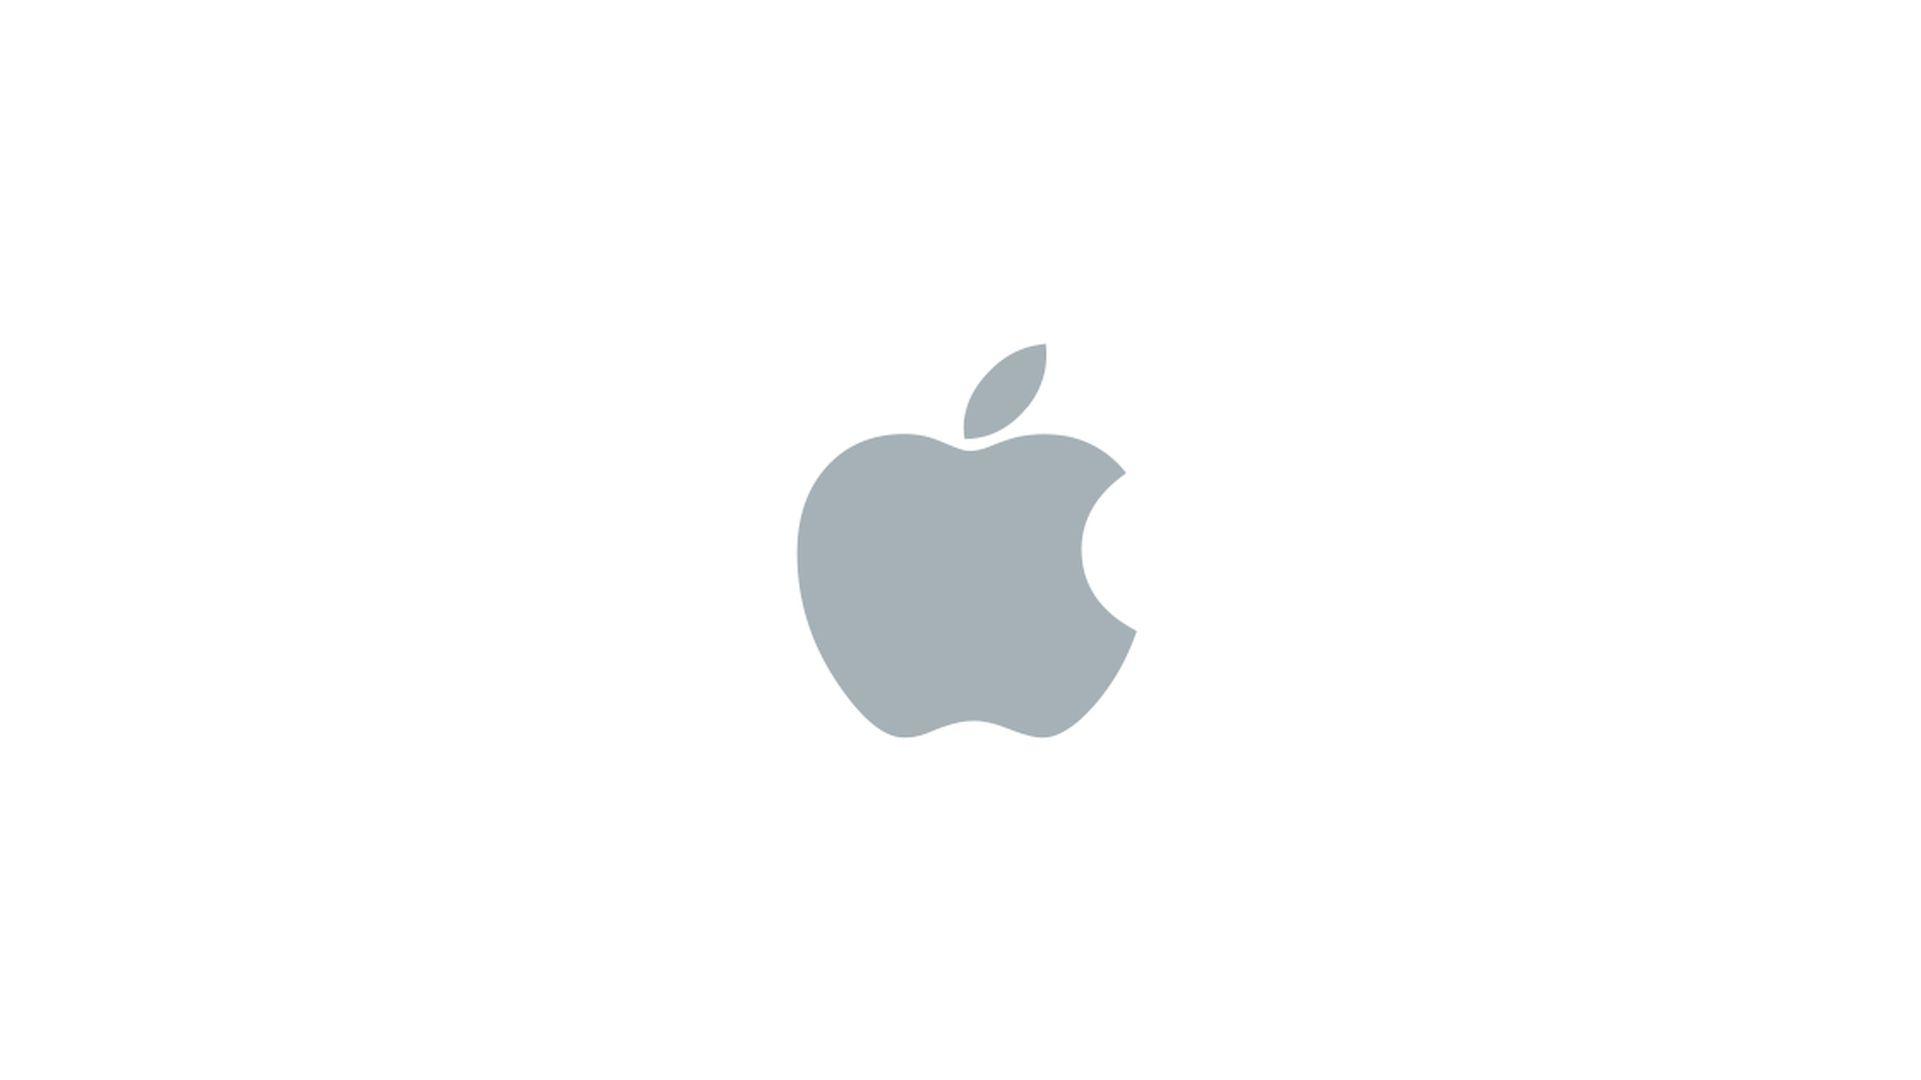 Prawdopodobnie iPhone SE 2 ma mieć premierę na początku 2020 roku